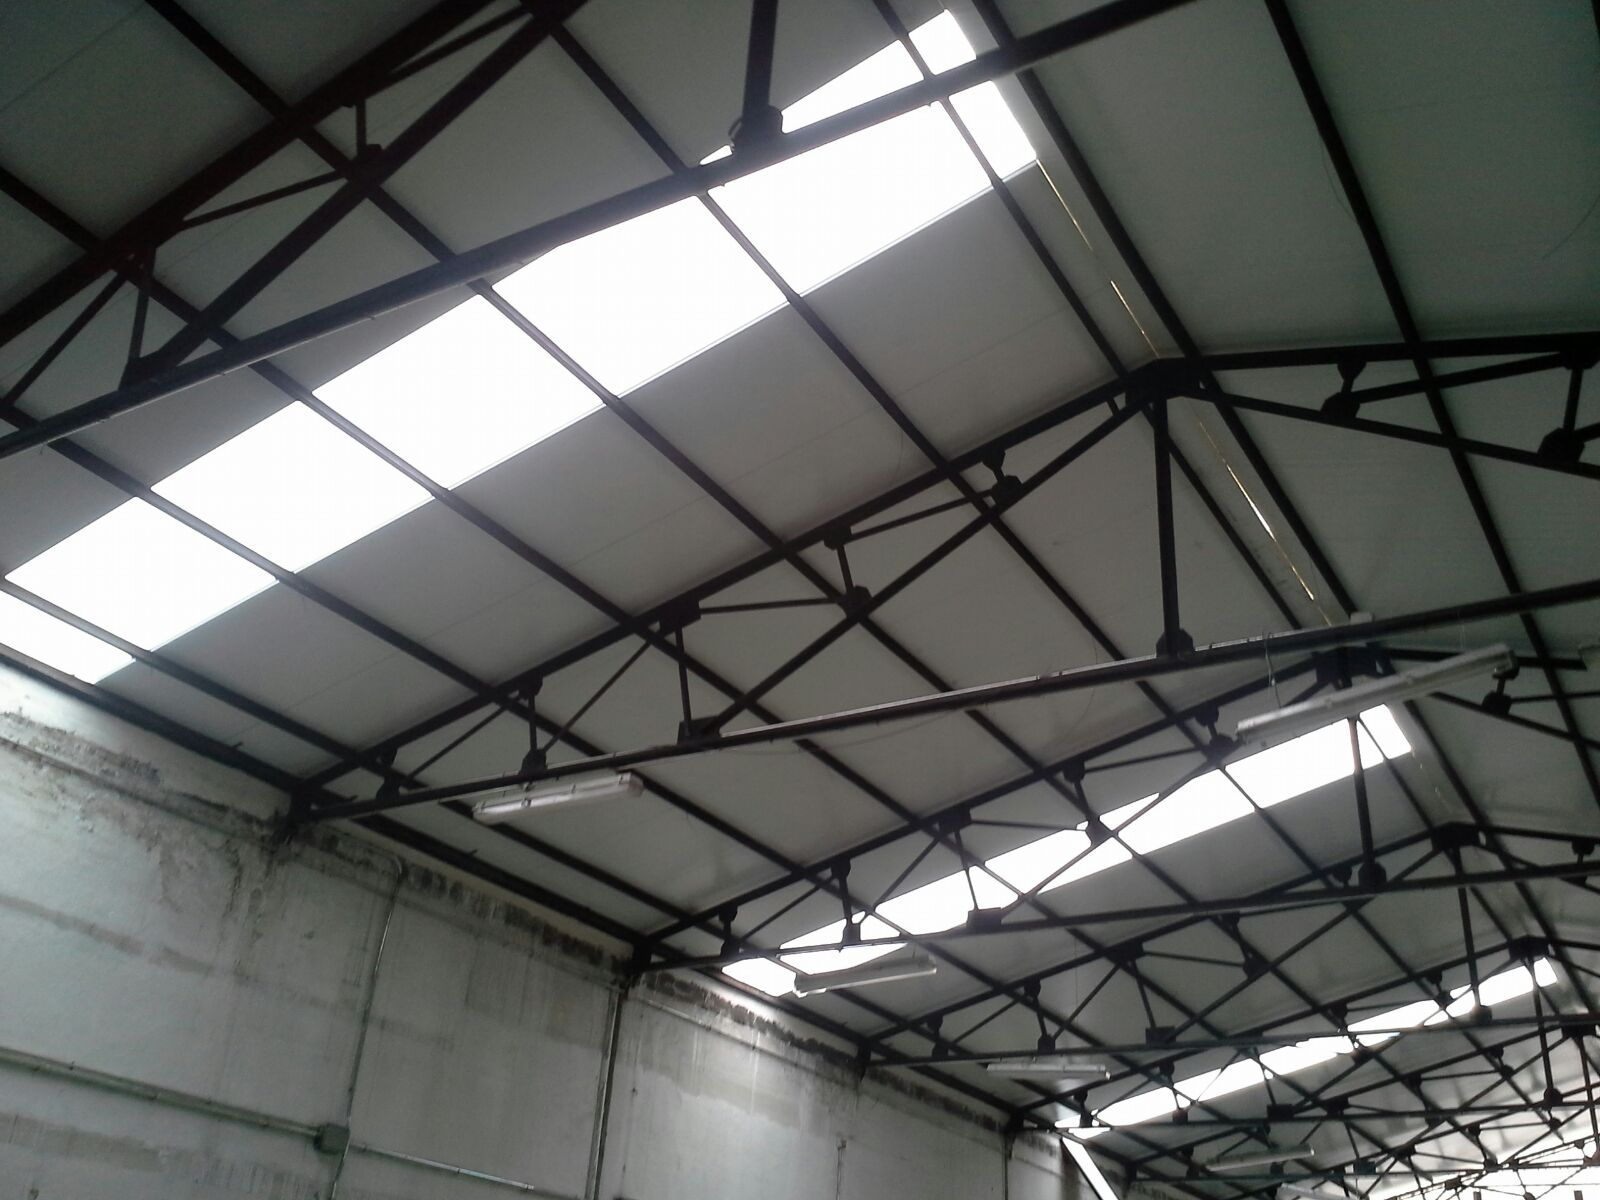 Instaladores panel s ndwich madrid for Cubiertas transparentes para techos